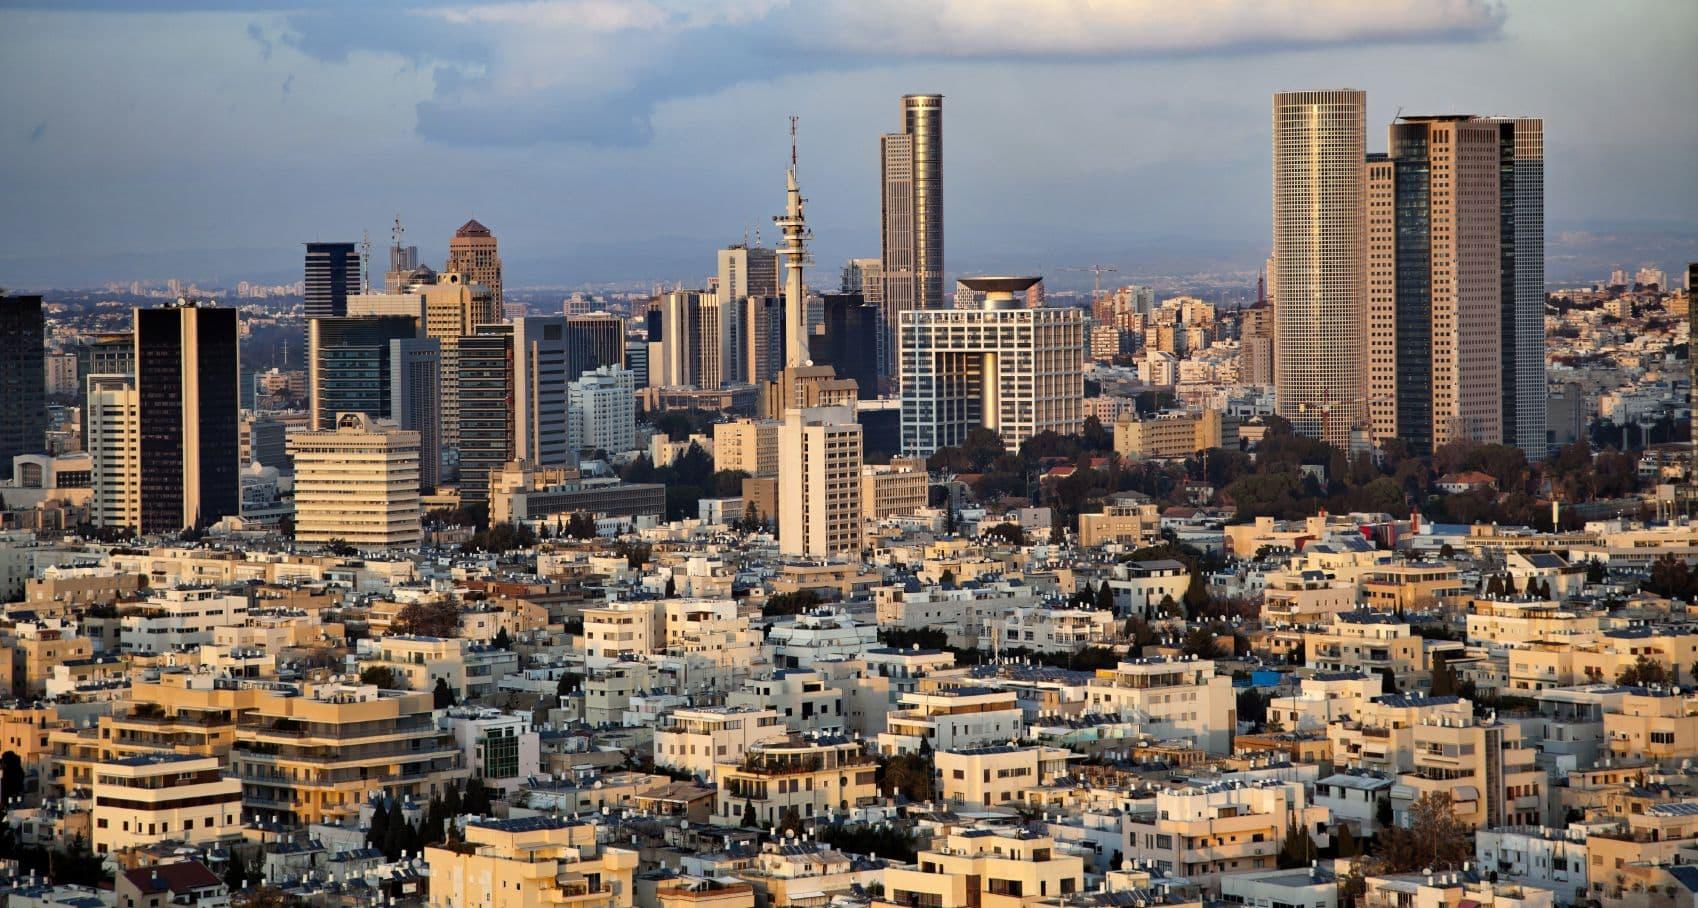 Israele è la startup nation per eccellenza. Ecco le 7 lezioni che tutti dovremmo imparare